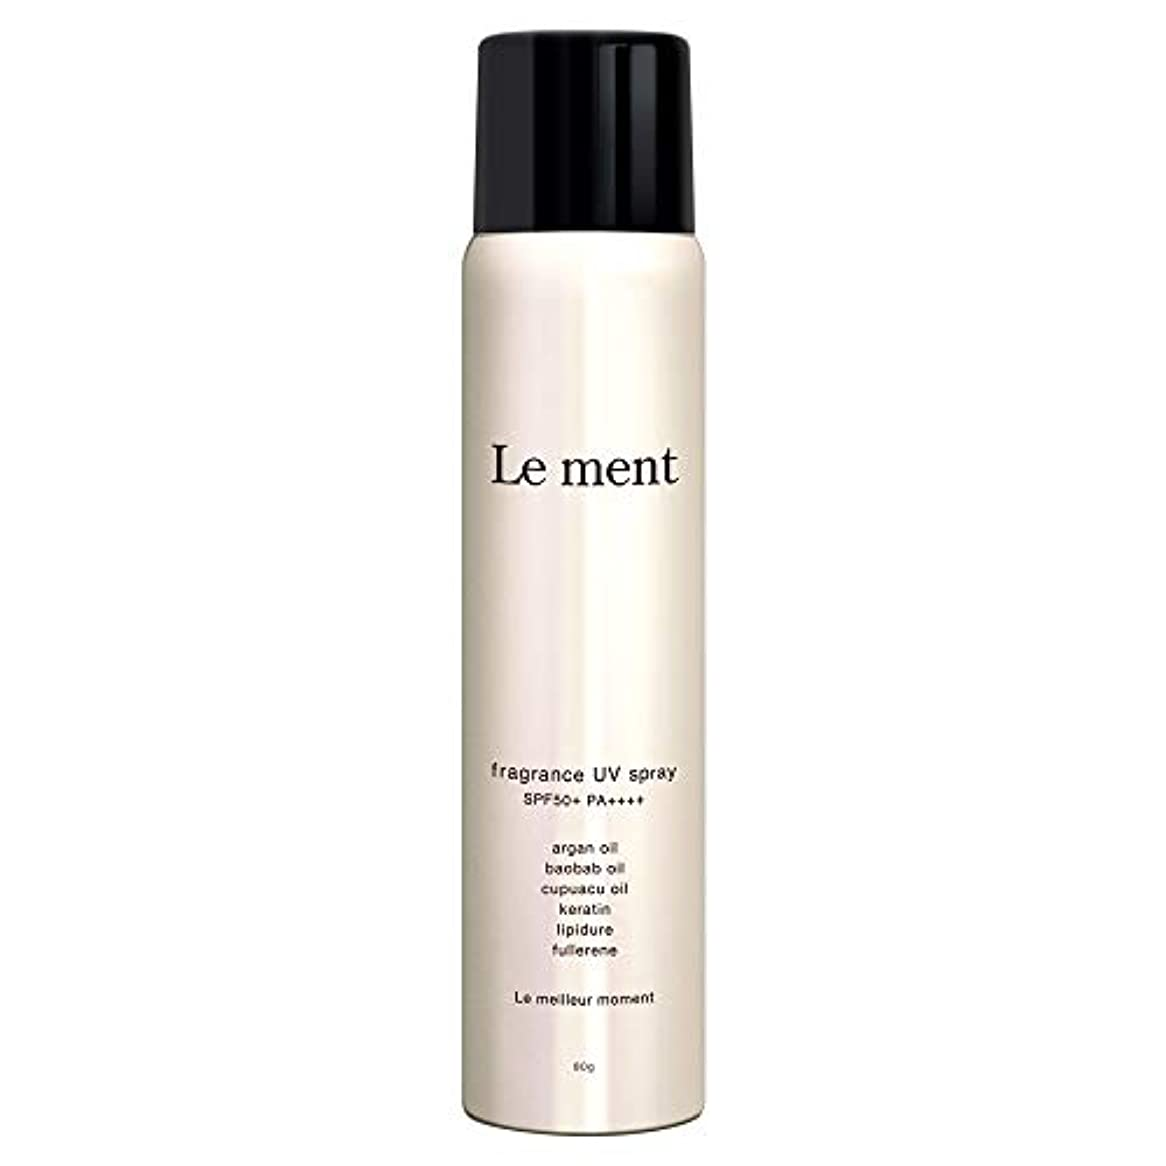 ベールリアル有害なLe ment - fragrans UV spray -